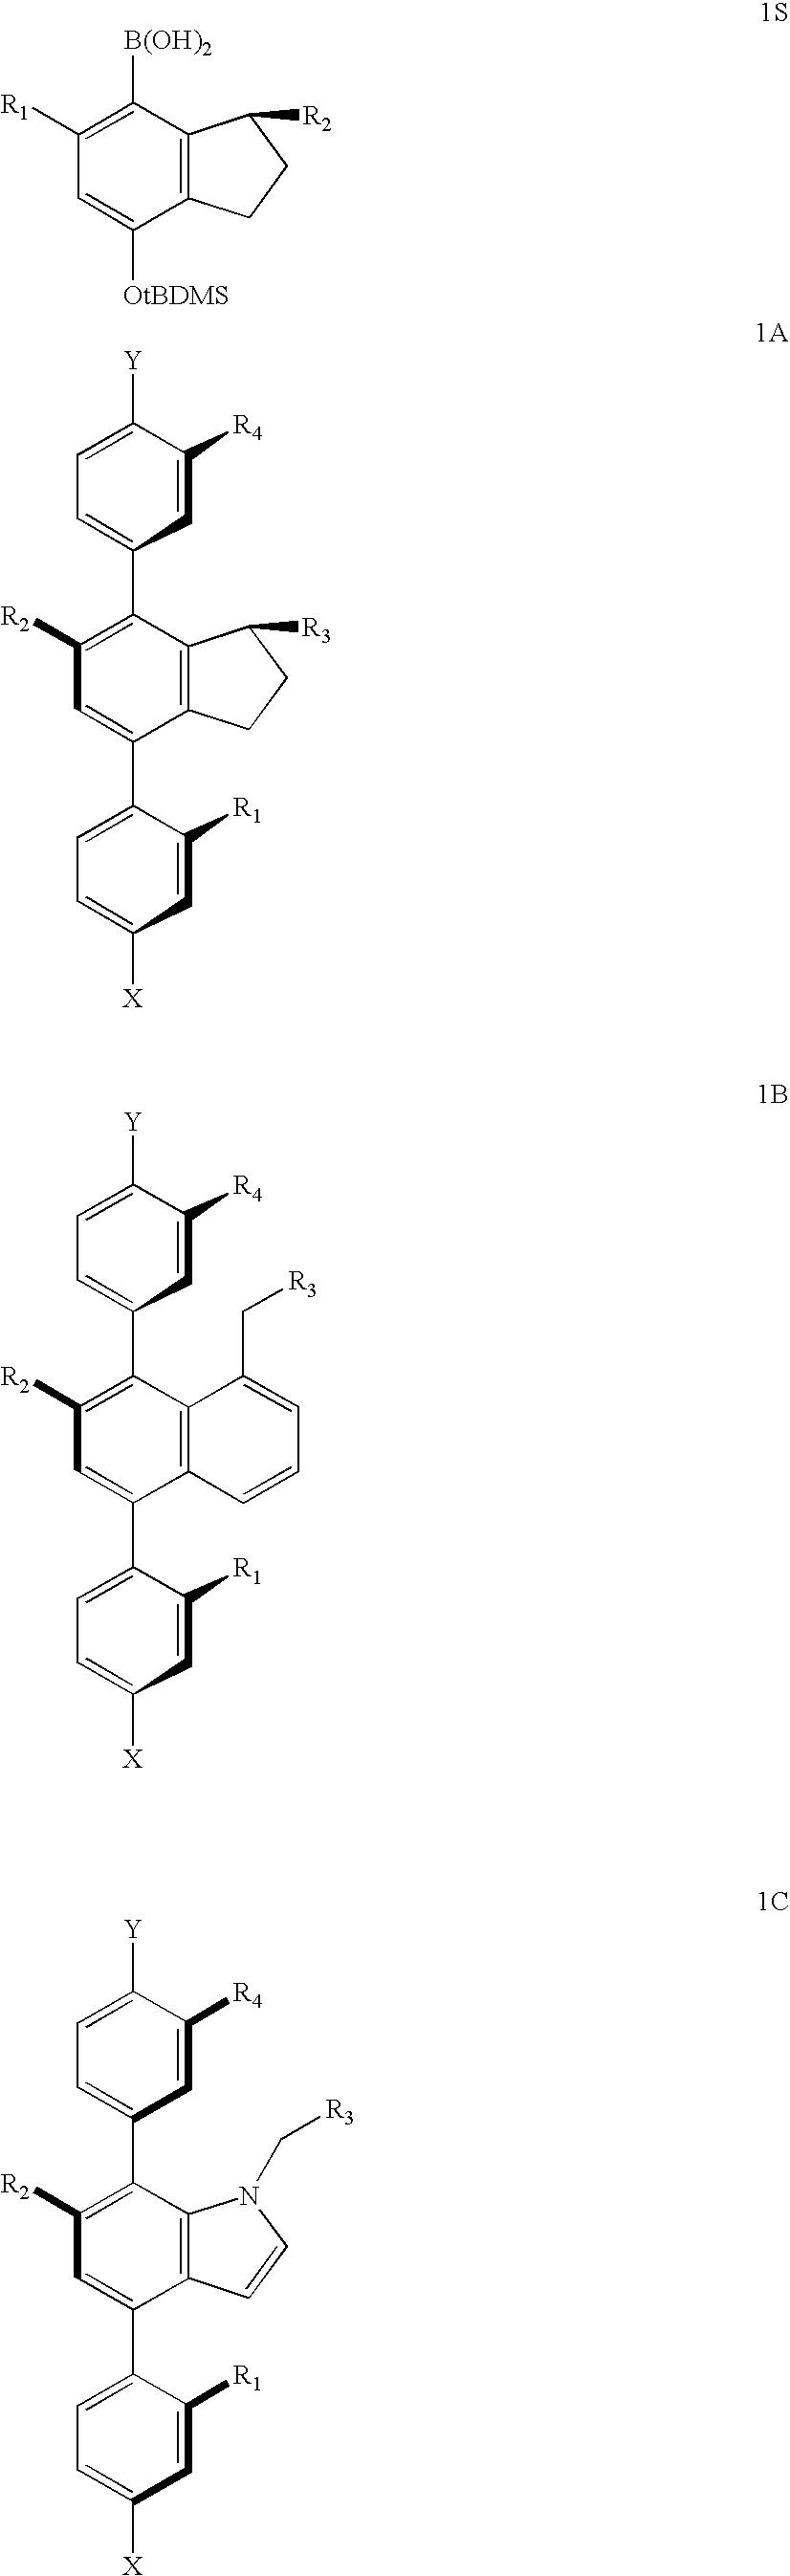 Figure US07312246-20071225-C00011